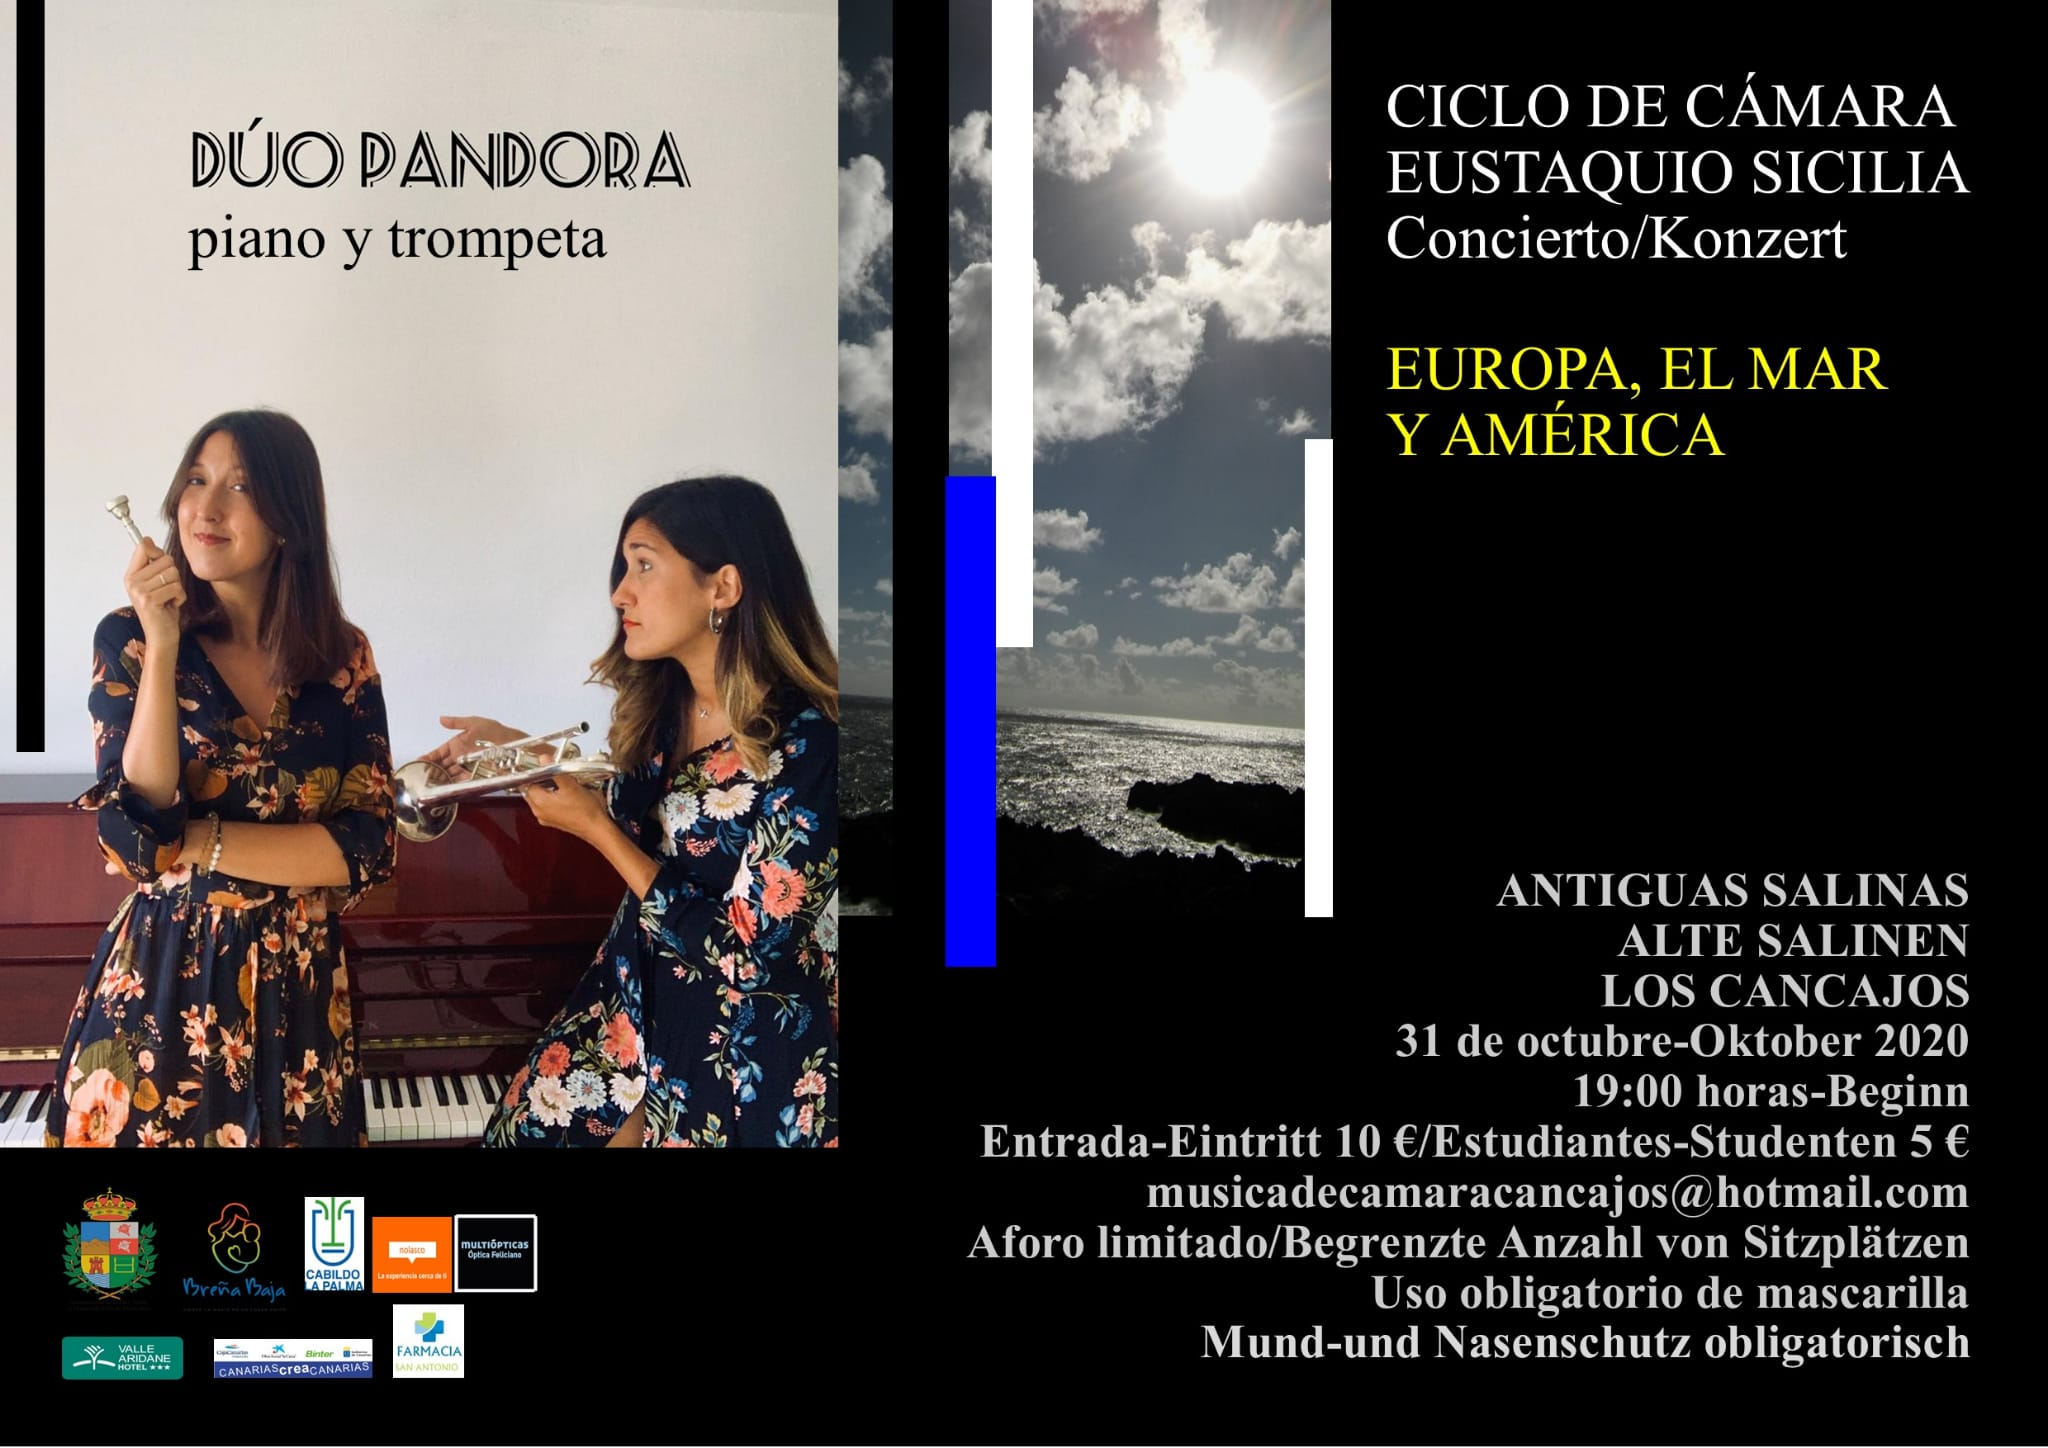 31-10-2020-duo-pandora-antiguas-salinas-los-cancajos